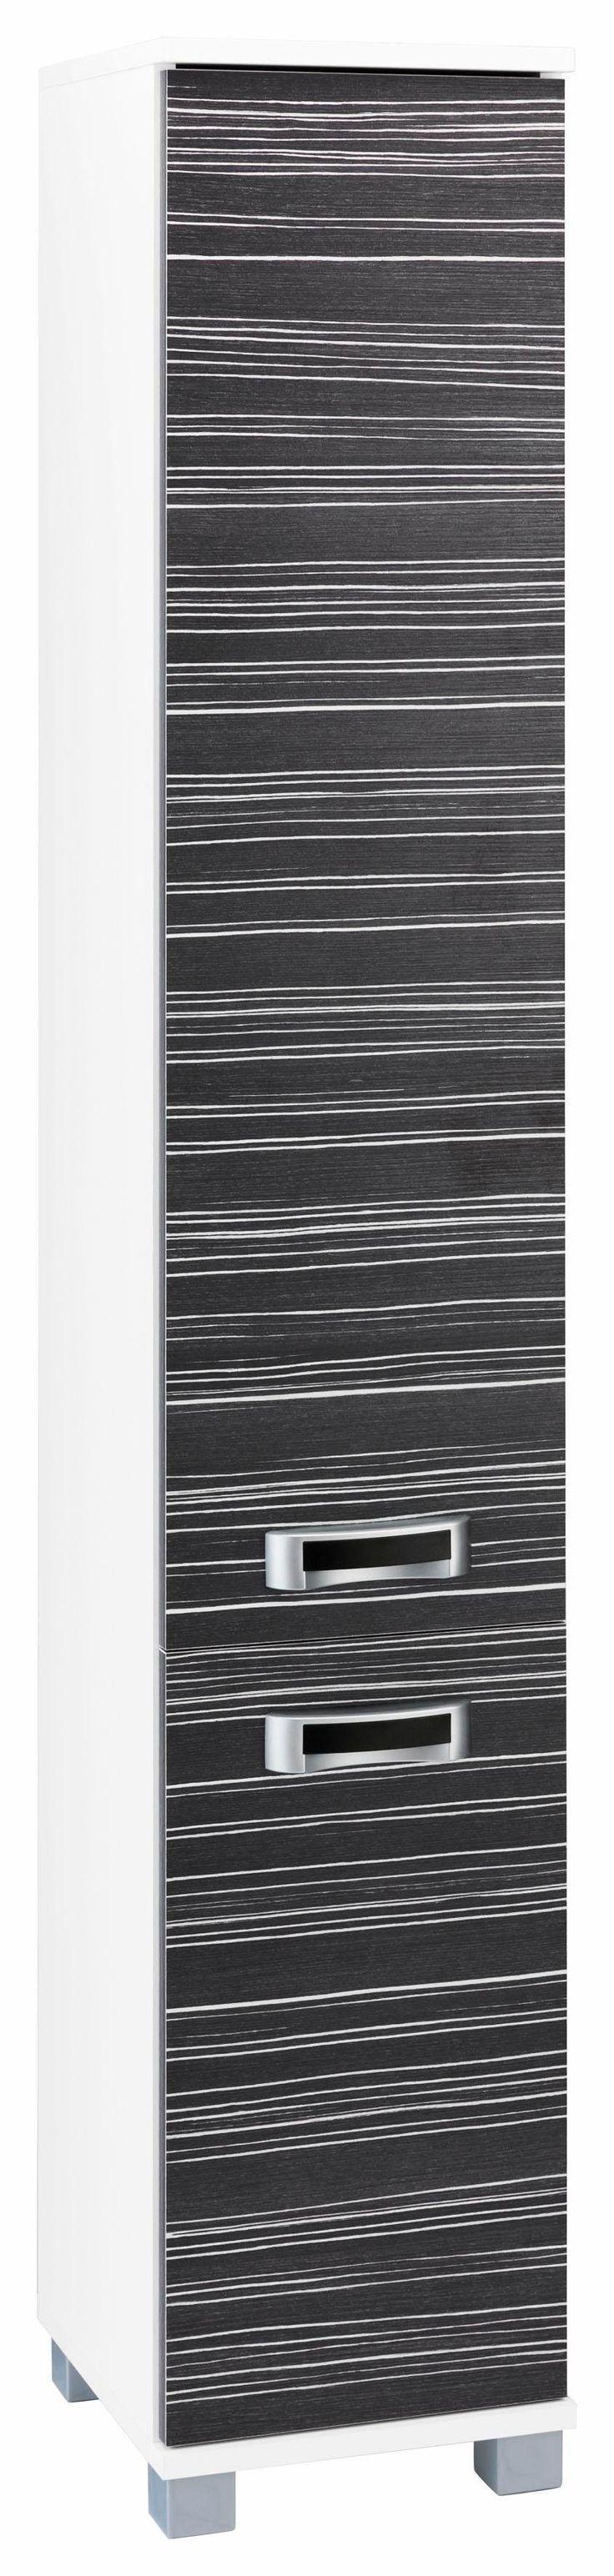 Vintage Schildmeyer Hochschrank Kos grau Jetzt bestellen unter https moebel ladendirekt de bad badmoebel badezimmerschraenke uid uddac d ce bf